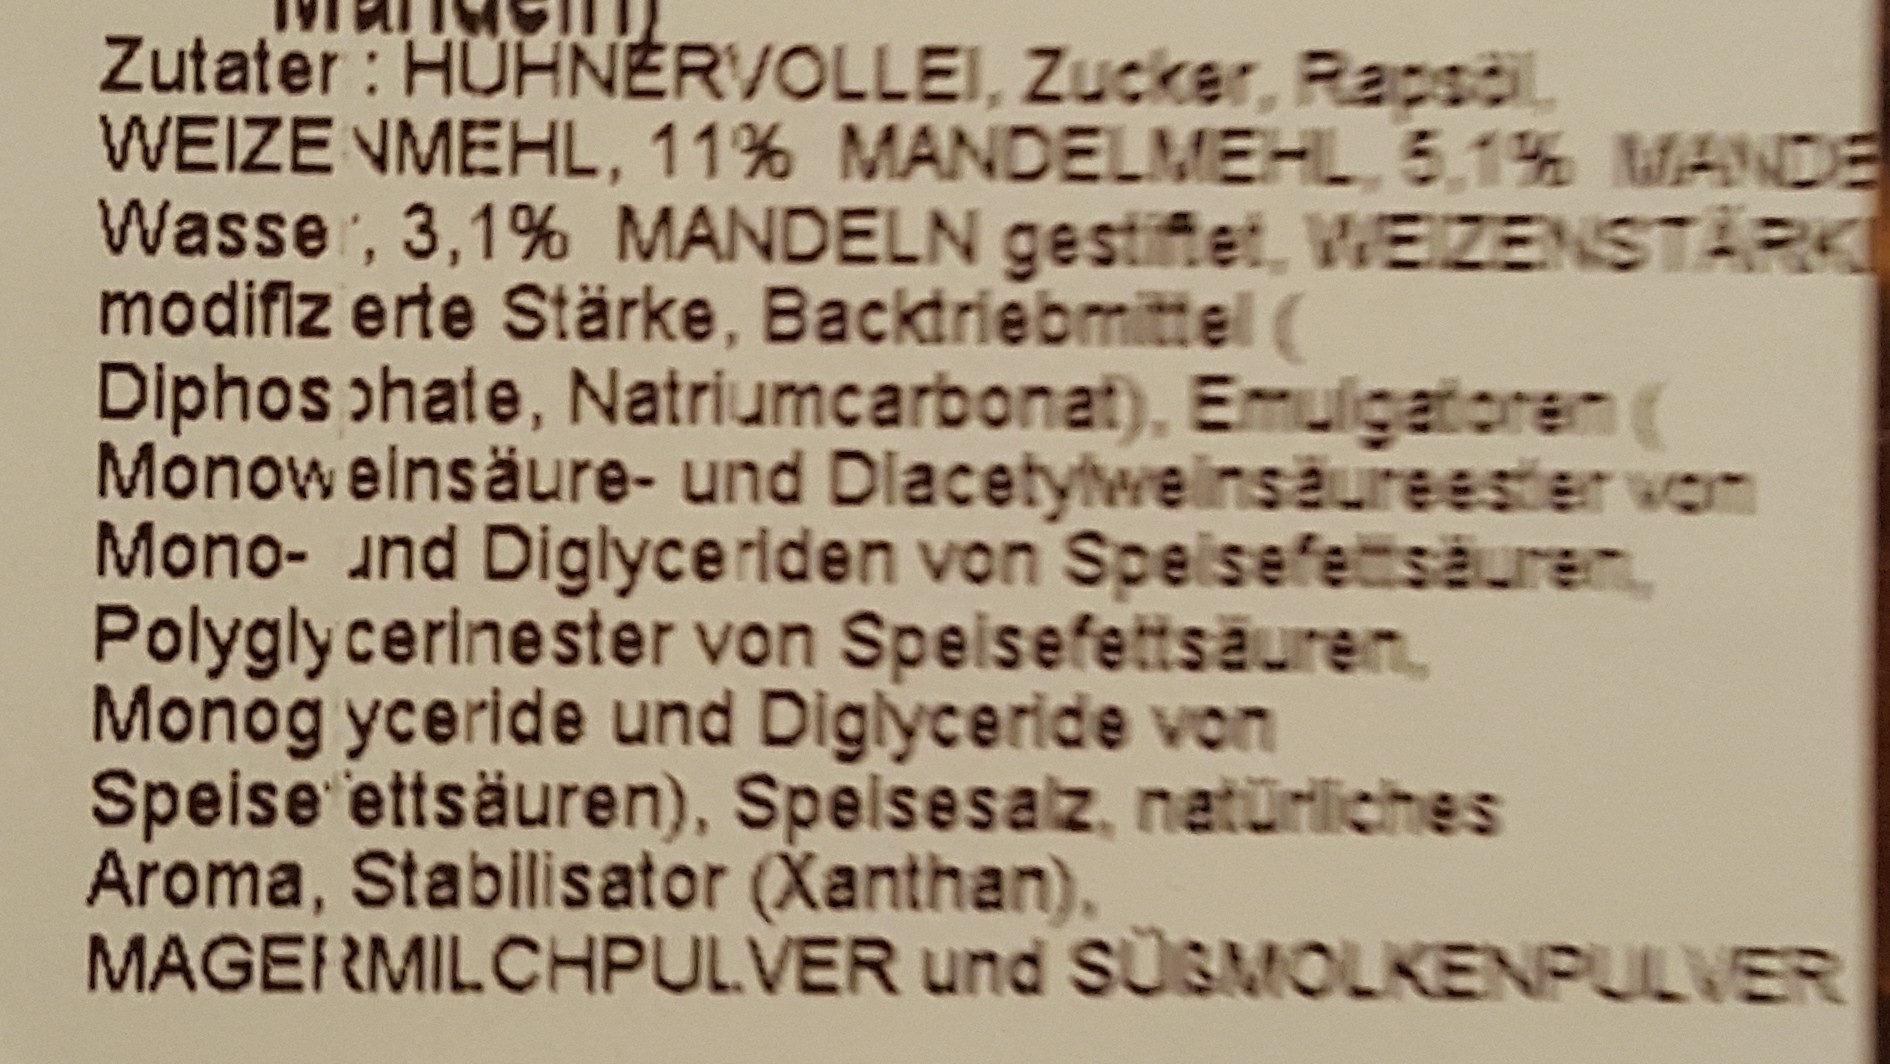 Weihnachtsbaum (Rührkuchen mit Mandeln) - Ingredients - de